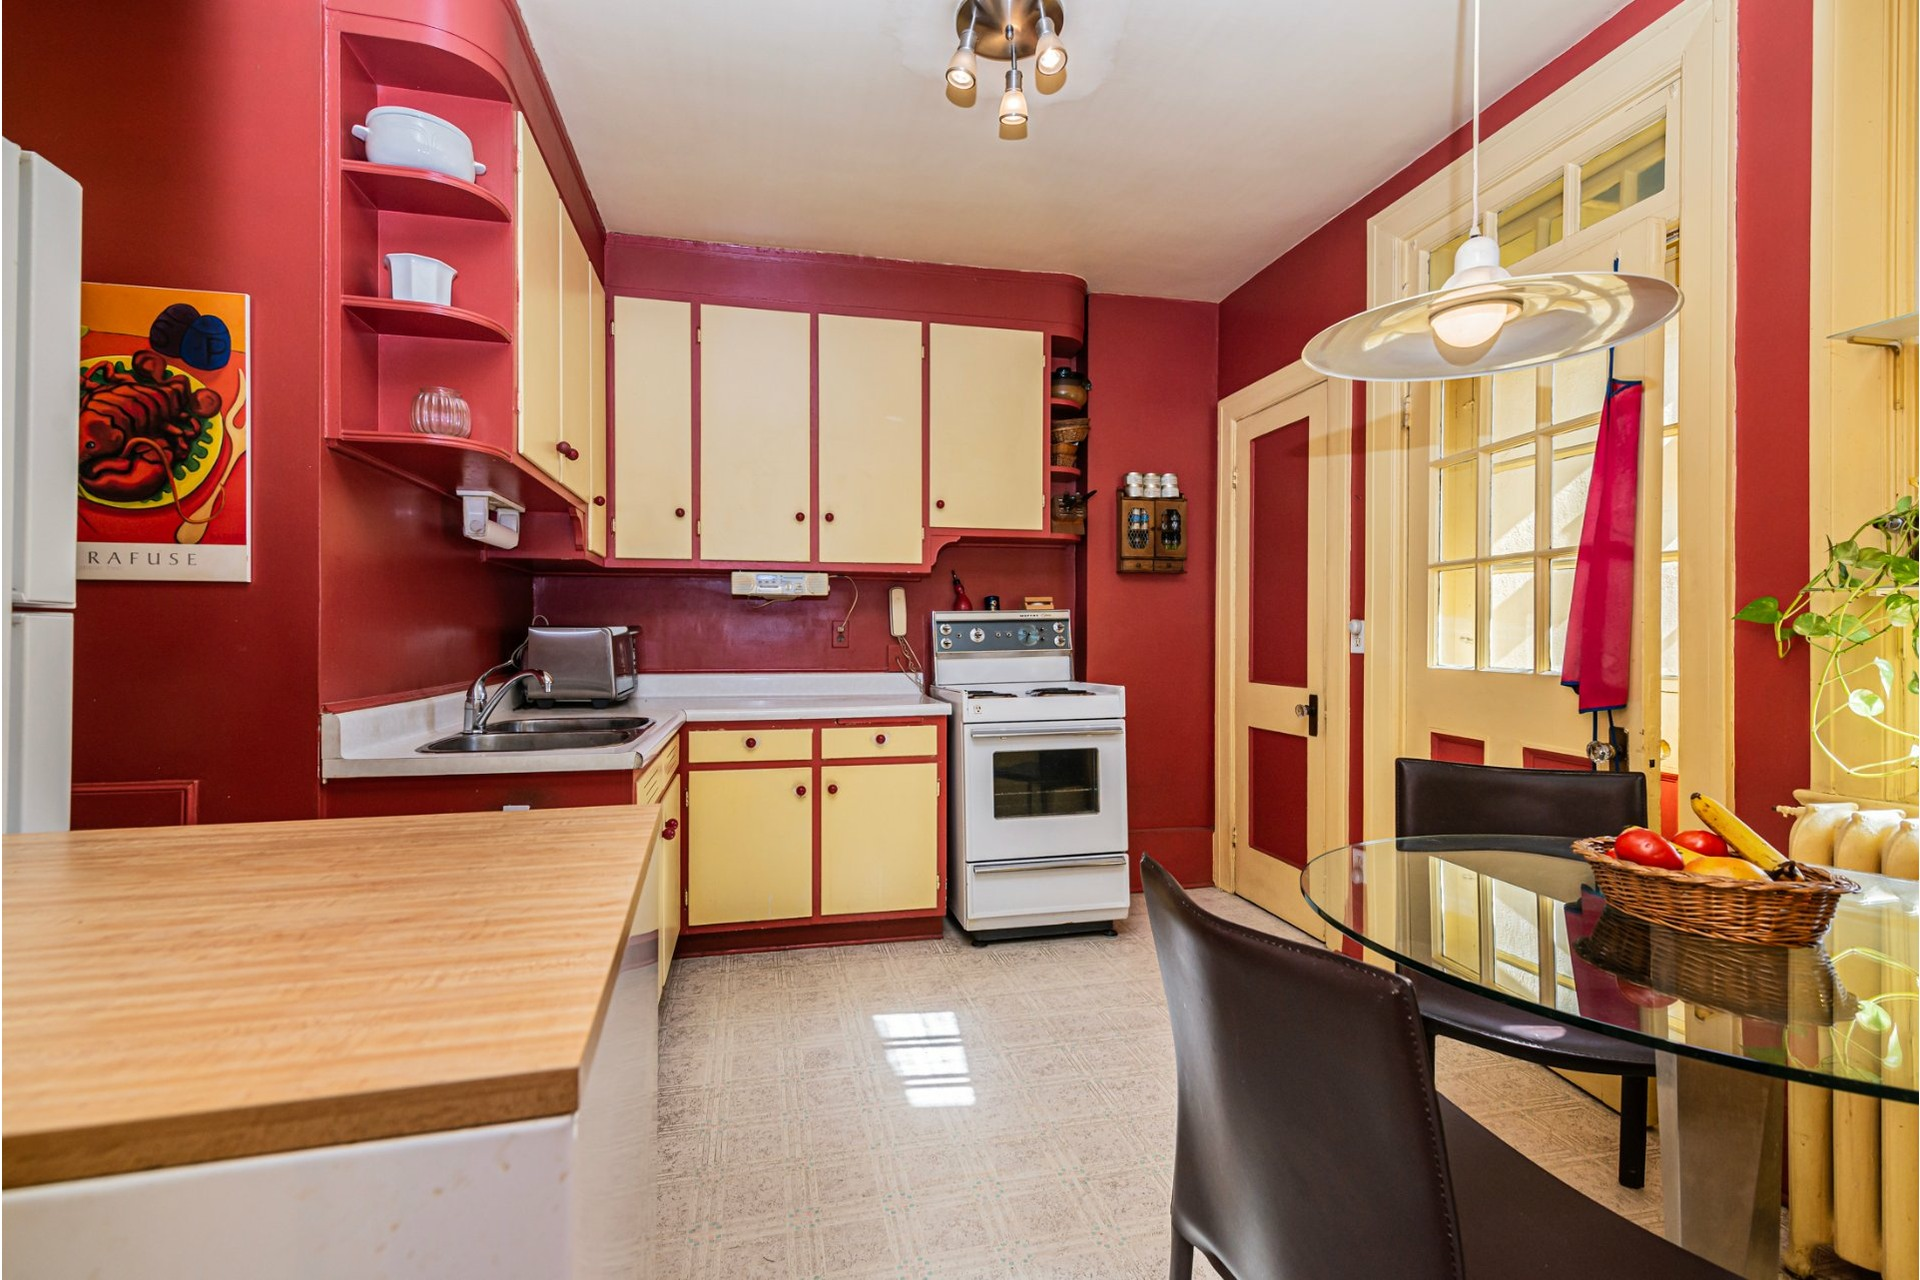 image 8 - Duplex À vendre Côte-des-Neiges/Notre-Dame-de-Grâce Montréal  - 6 pièces